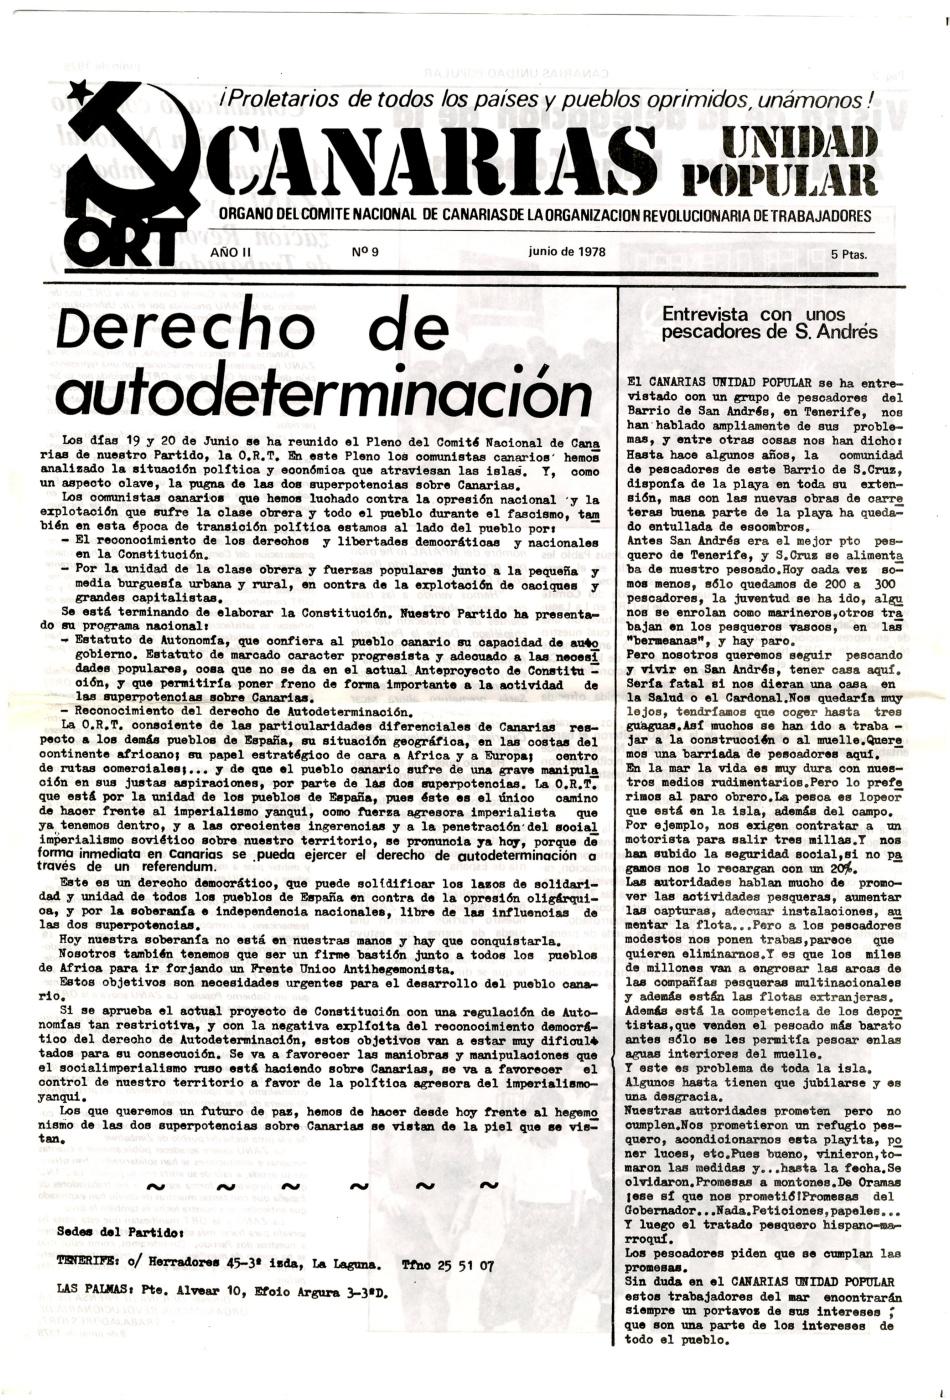 CANARIAS UNIDAD POPULAR, ORT-UJM ,AUTODETERMINACION